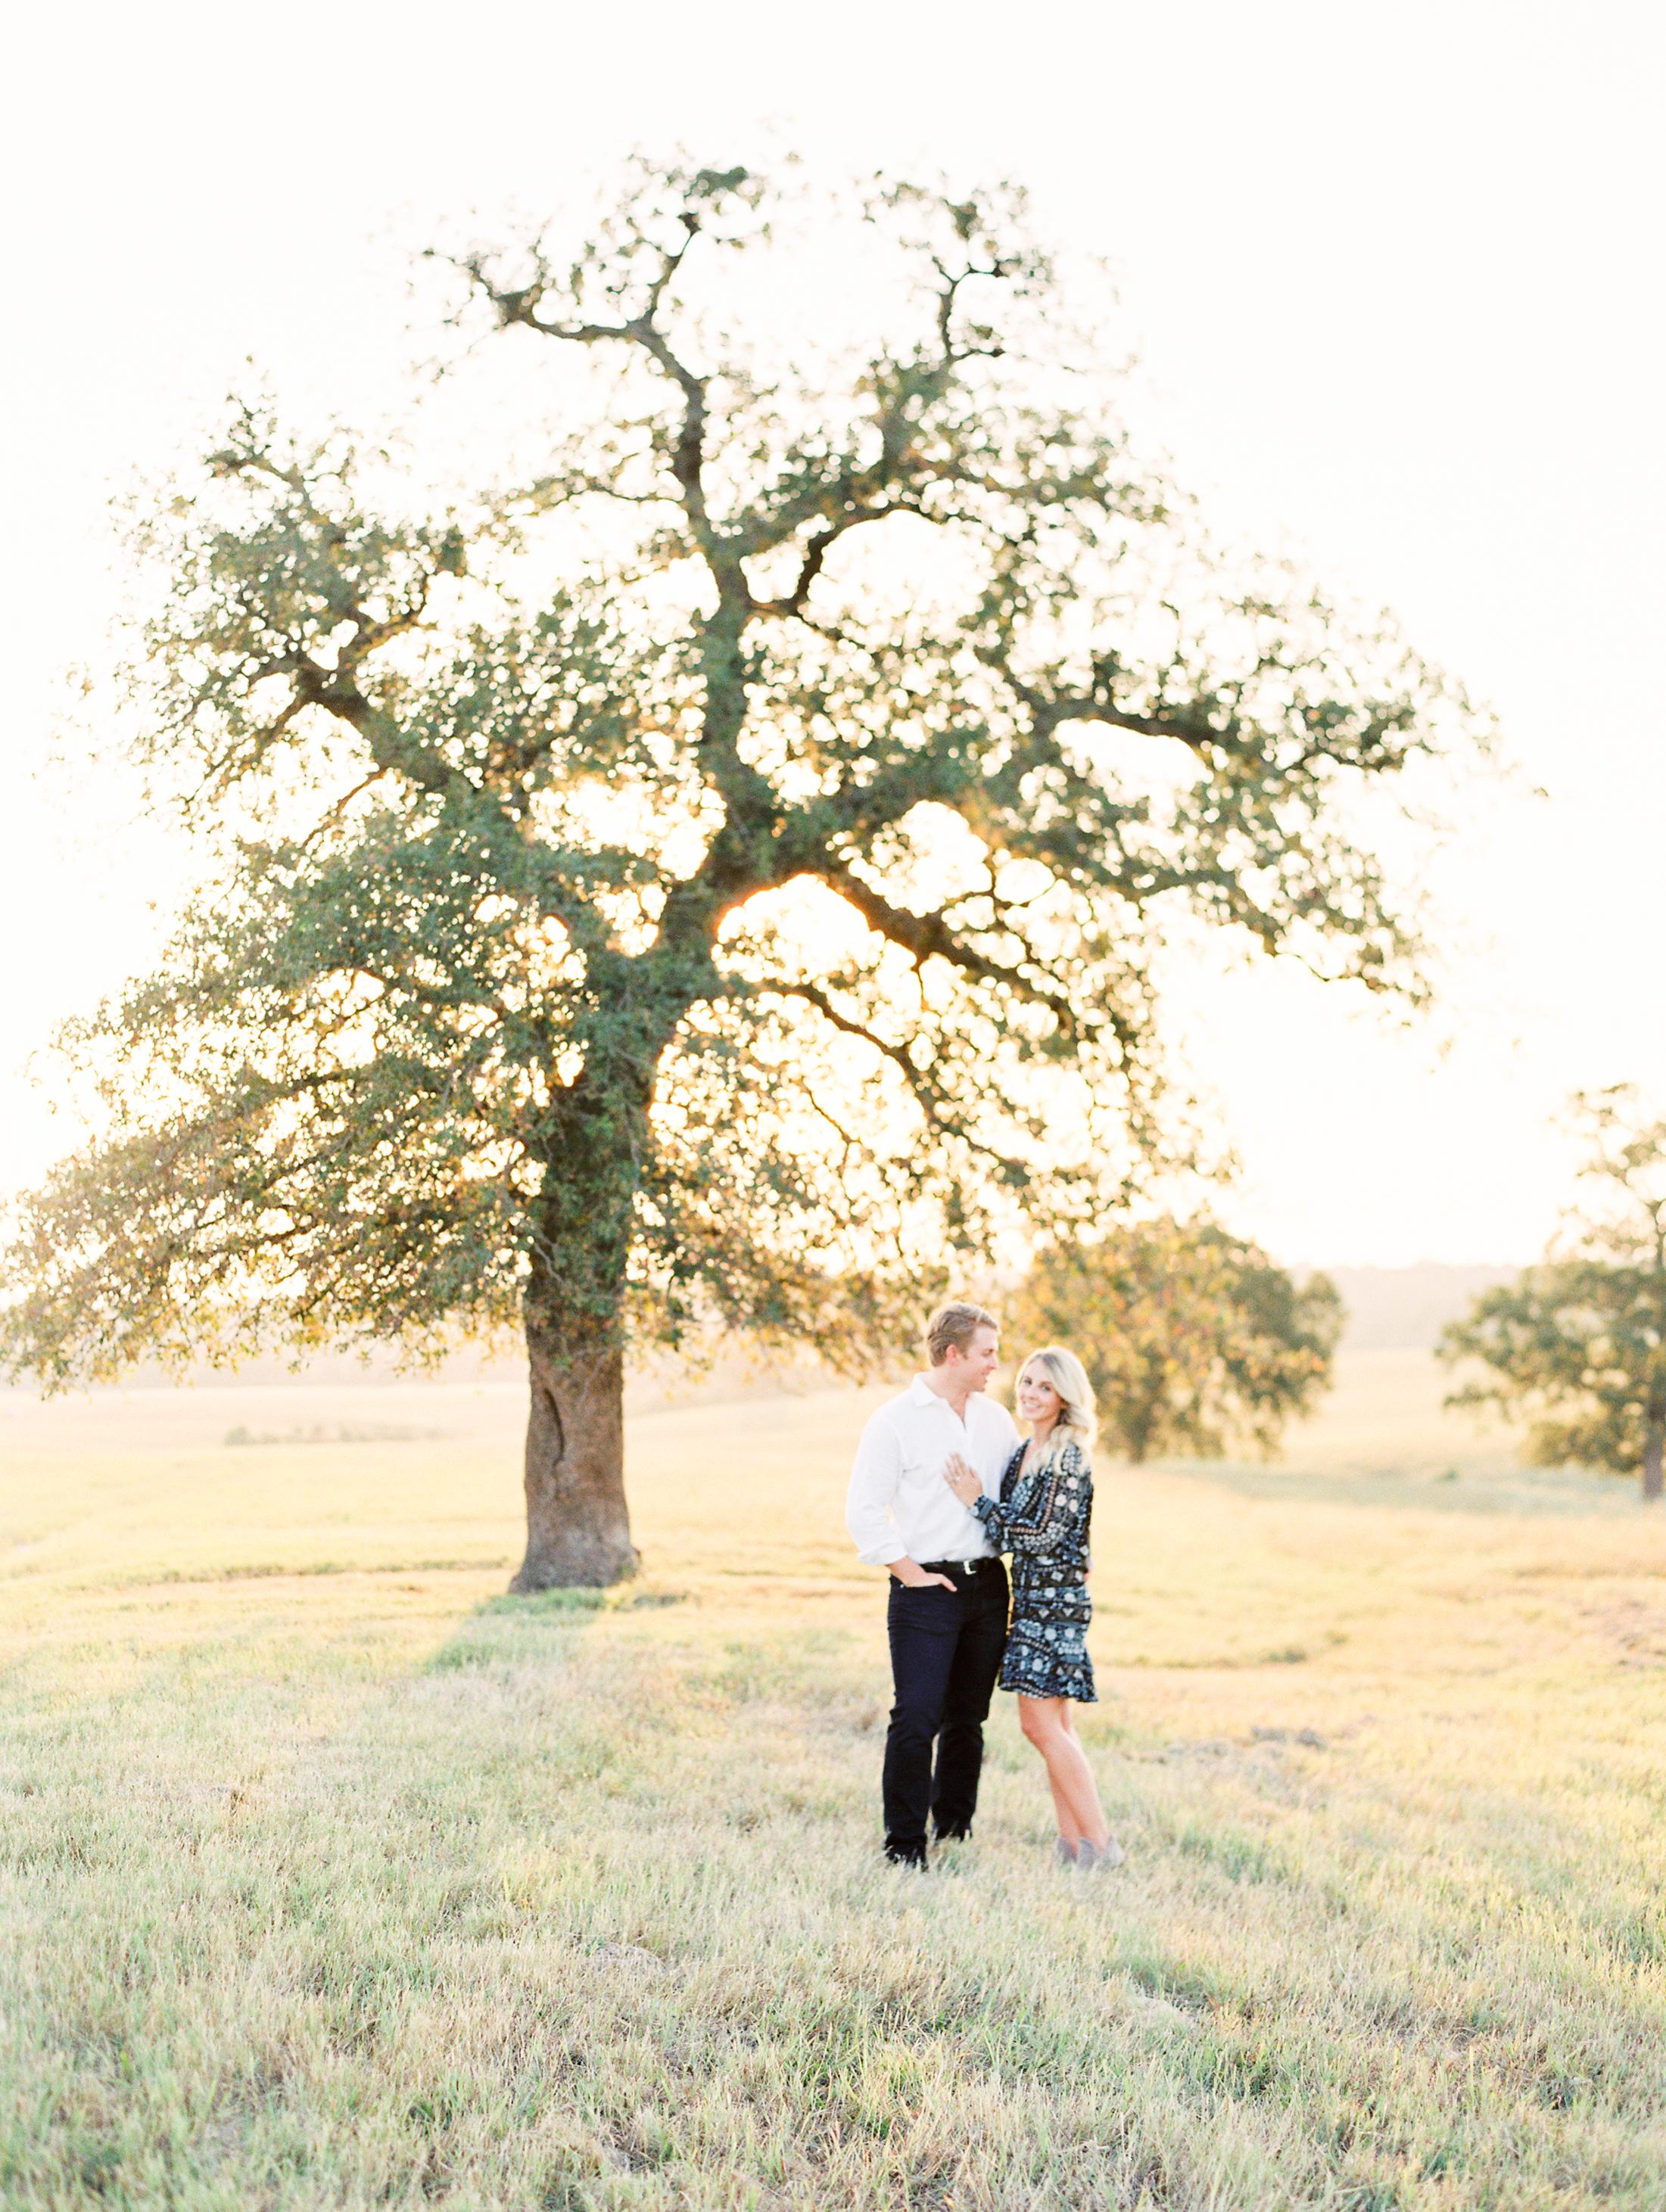 Lauren+John+Engaged+TX-43.jpg